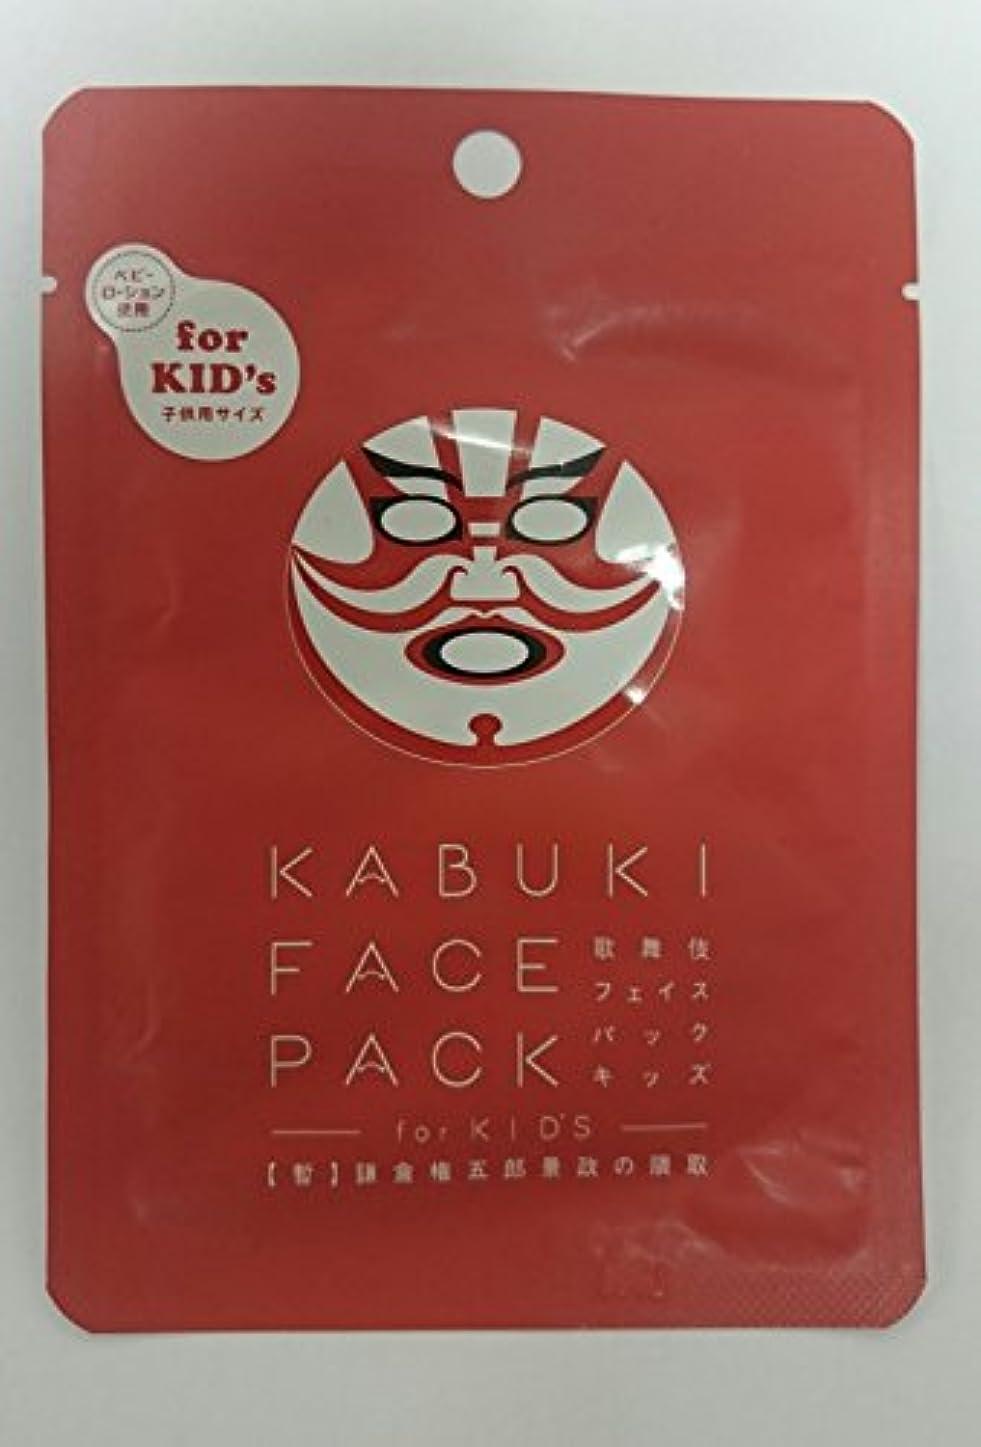 ビーチ交差点マダム歌舞伎フェイスパック 子供用 KABUKI FACE PACK For Kids パンダ トラも! ベビーローション使用